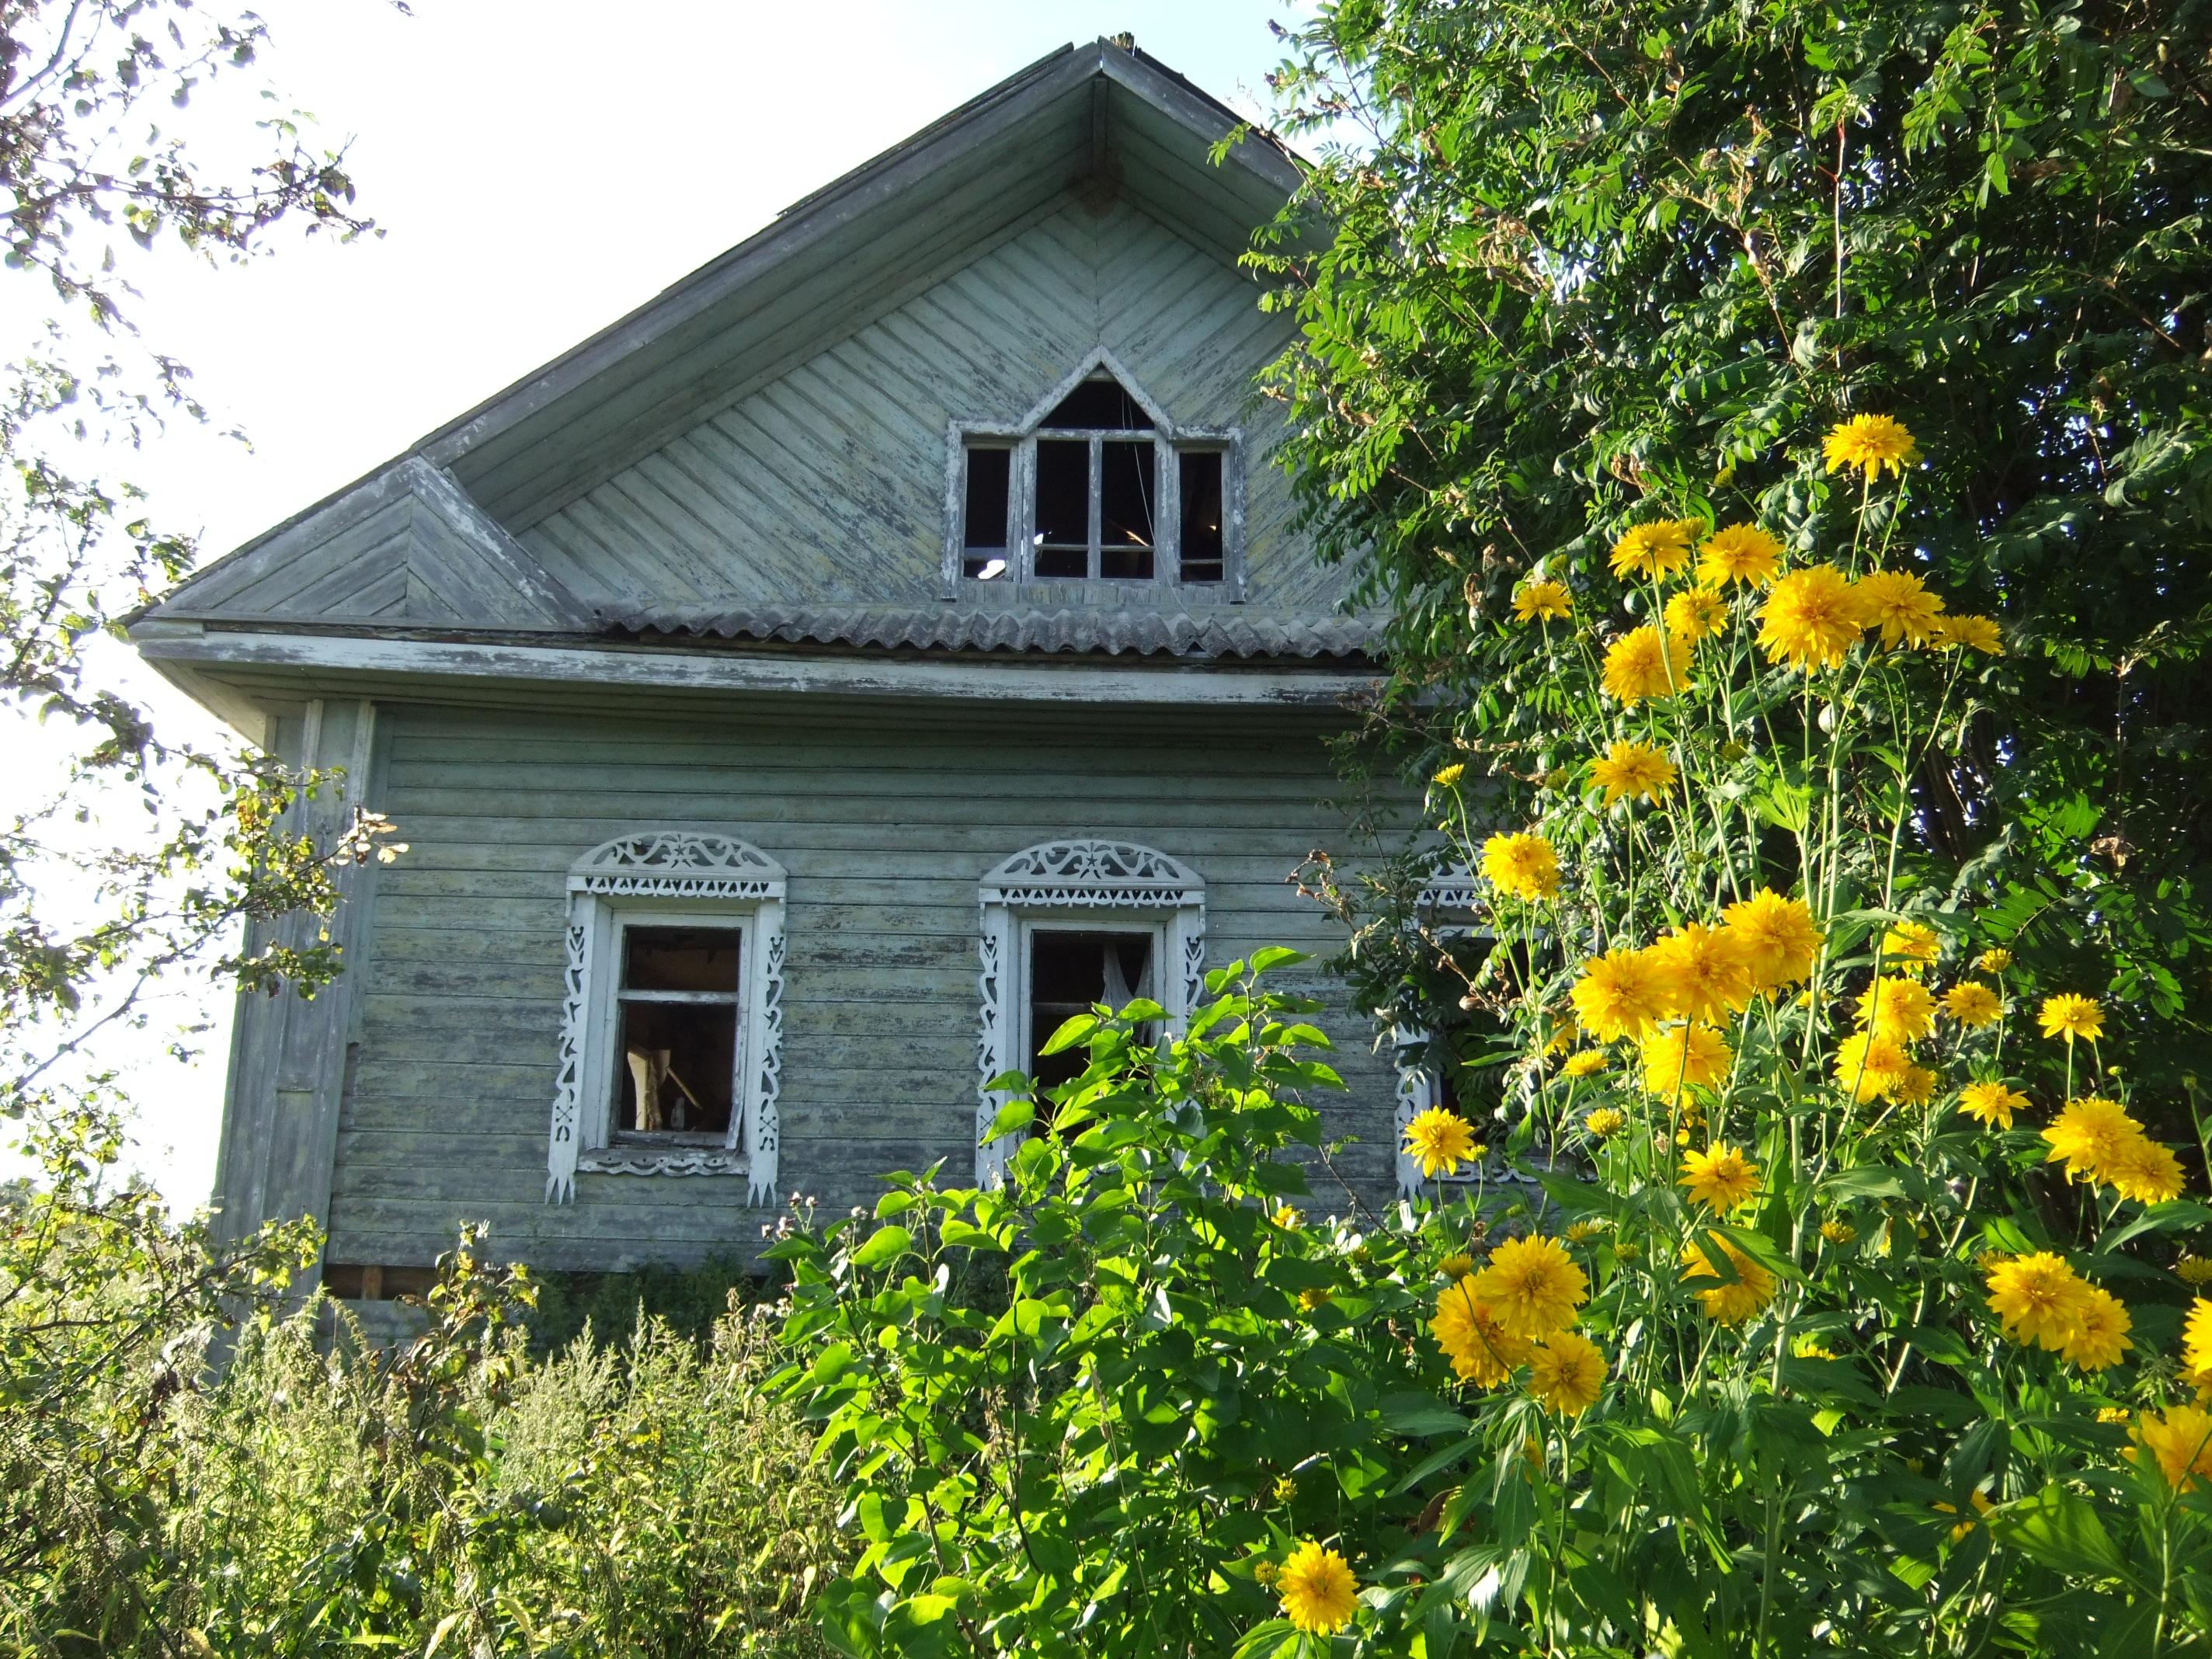 file:dermenino - flowers in front of an abandoned house - dscf5706